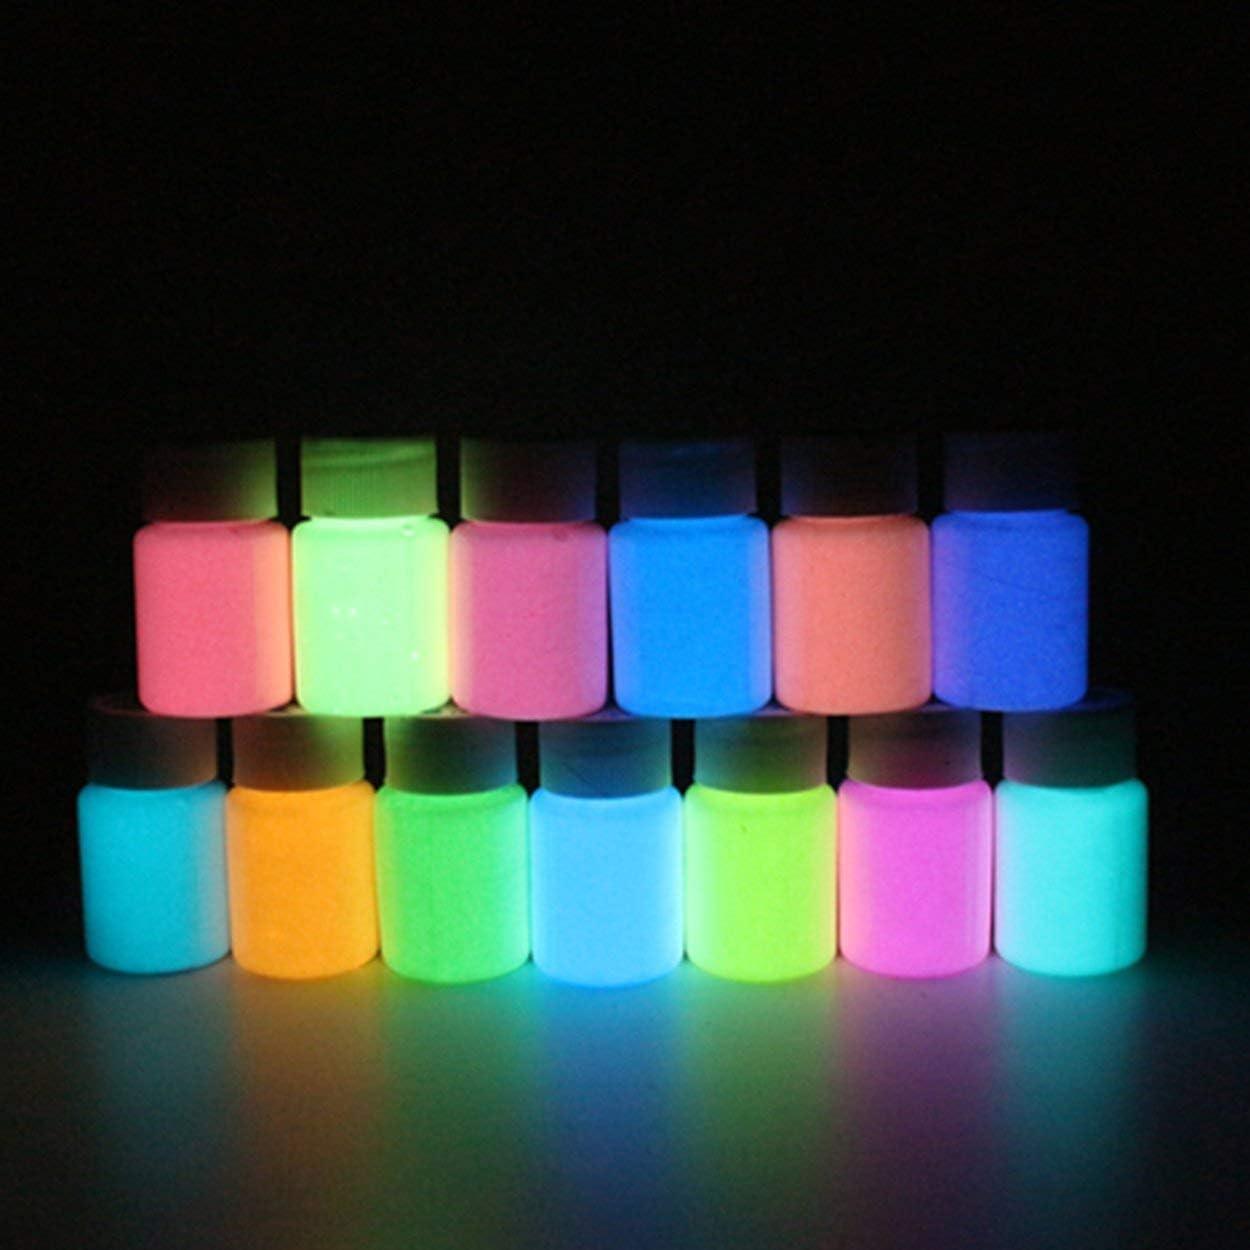 Lodenlli Pintura Luminosa de Alto Brillo Impermeable Fluorescente l/íquido de Larga duraci/ón Polvo Luminoso Pintura Luminosa a Base de Agua